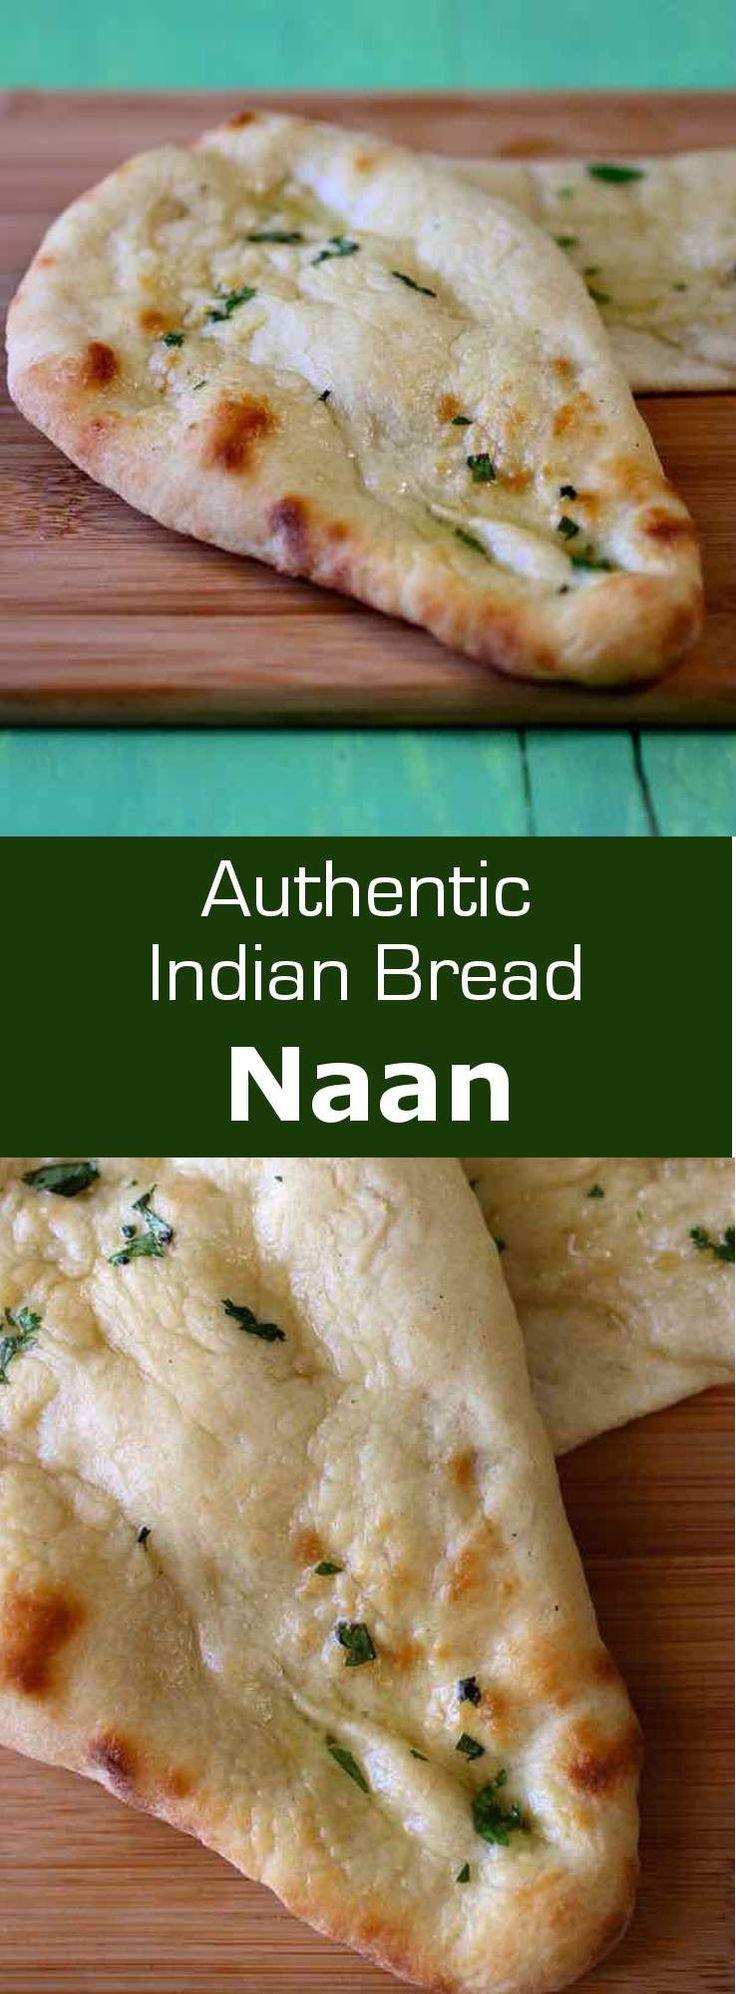 Le naan est un pain plat, traditionnellement cuit au four tandouri populaire dans les cuisines d'Asie, et particulièrement en Inde et au Pakistan. via @196flavors